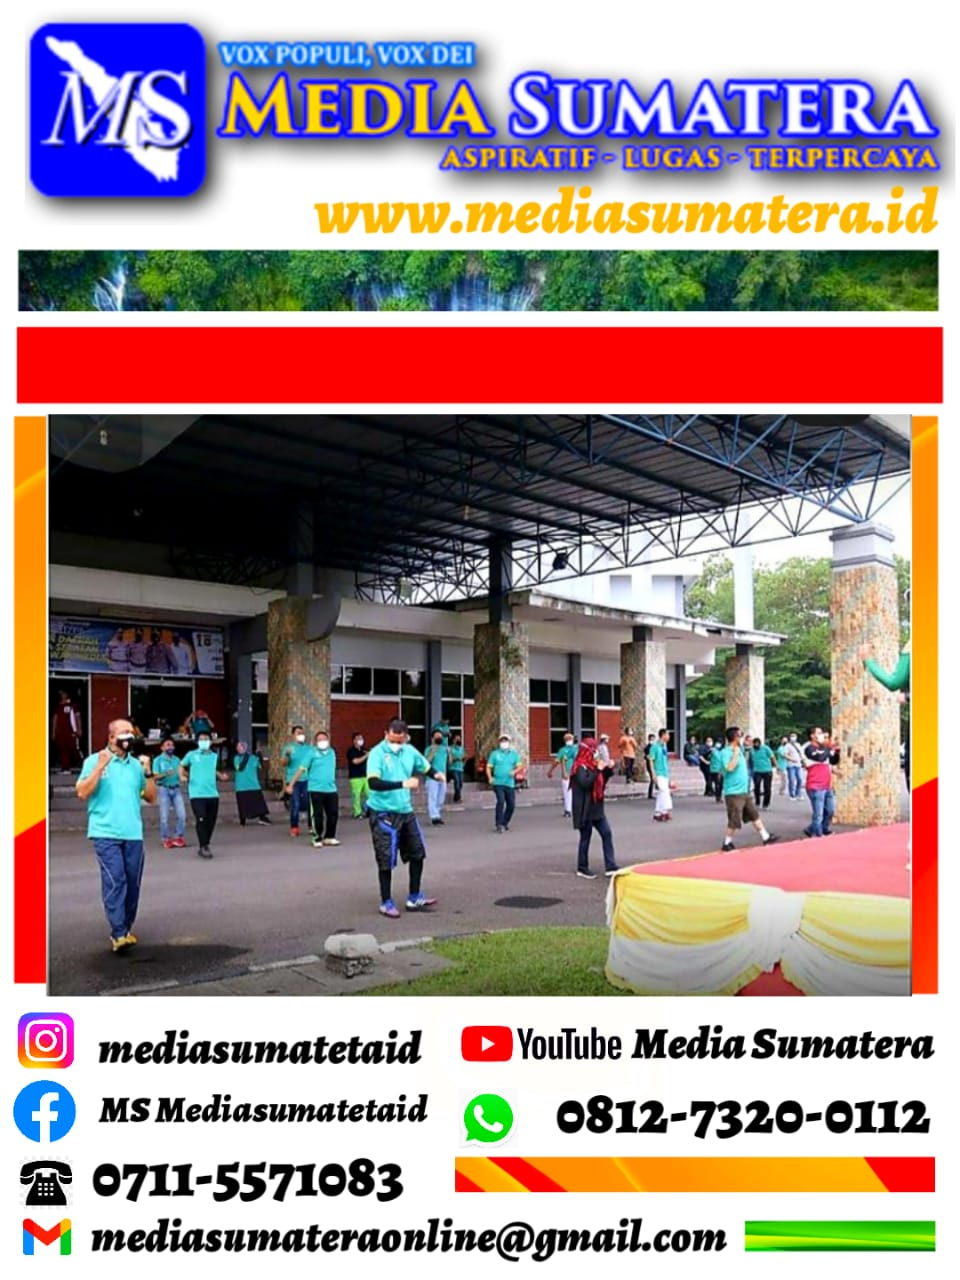 """Gathering Kapolda Sumsel Bersama Awak Media """"Pers Bermartabat"""" Polisi Dan Pers Dulur Kito"""